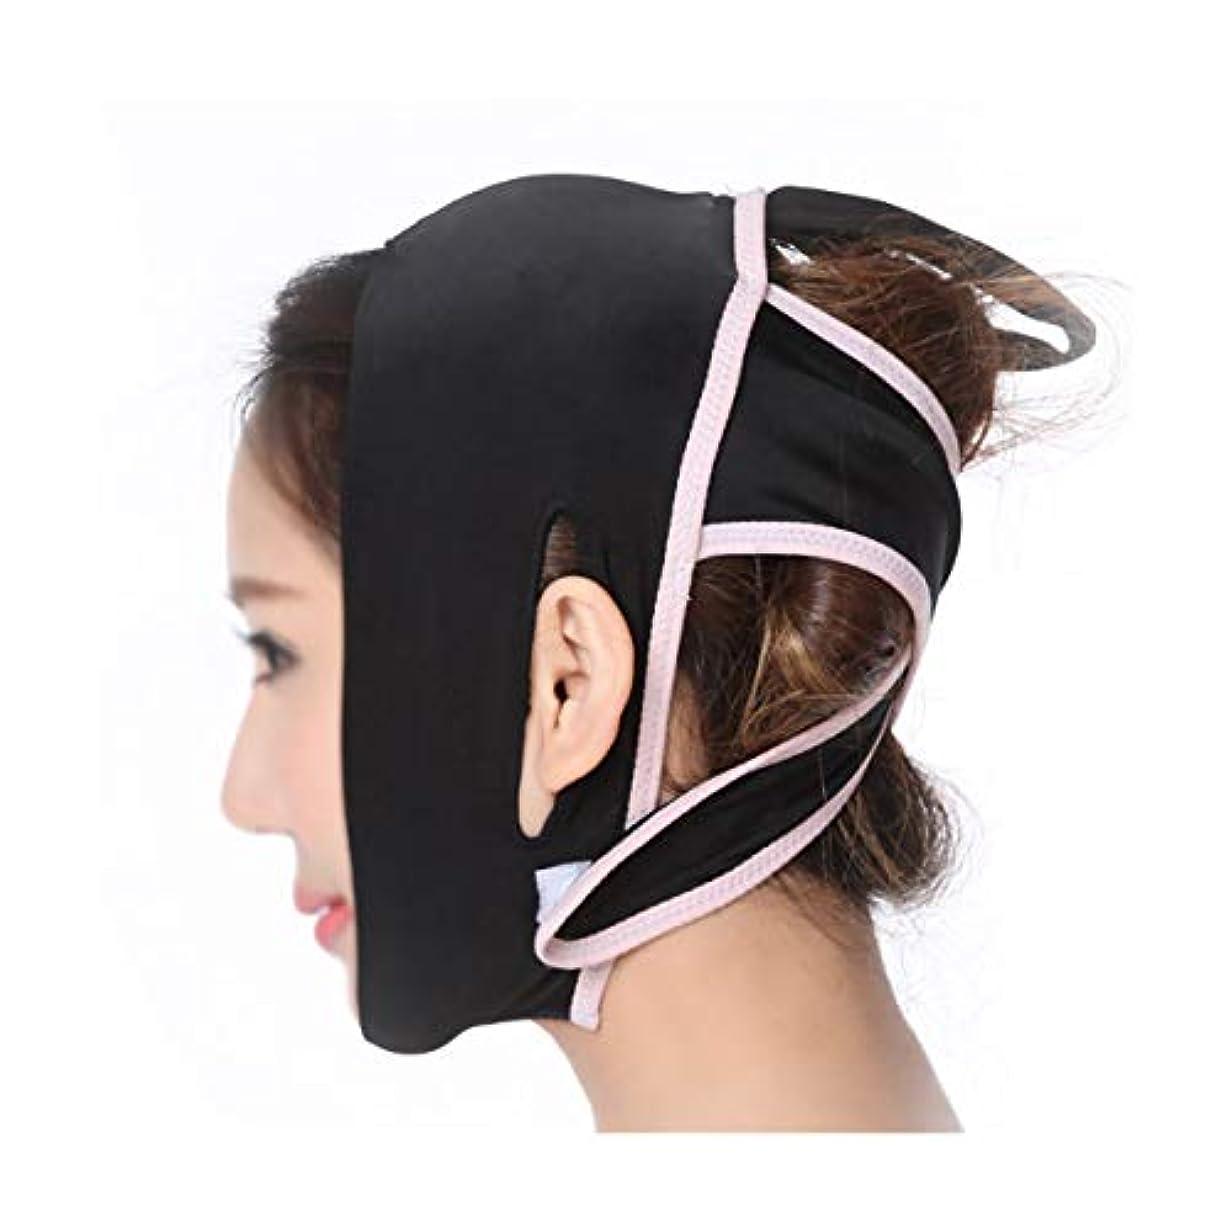 必要条件ヒステリックテレマコスGLJJQMY ファーミングマスク薄い顔薄い顔薄い顔アーティファクト顔薄い顔マスクv顔薄い顔マスク顔薄い顔楽器 顔用整形マスク (Size : S)